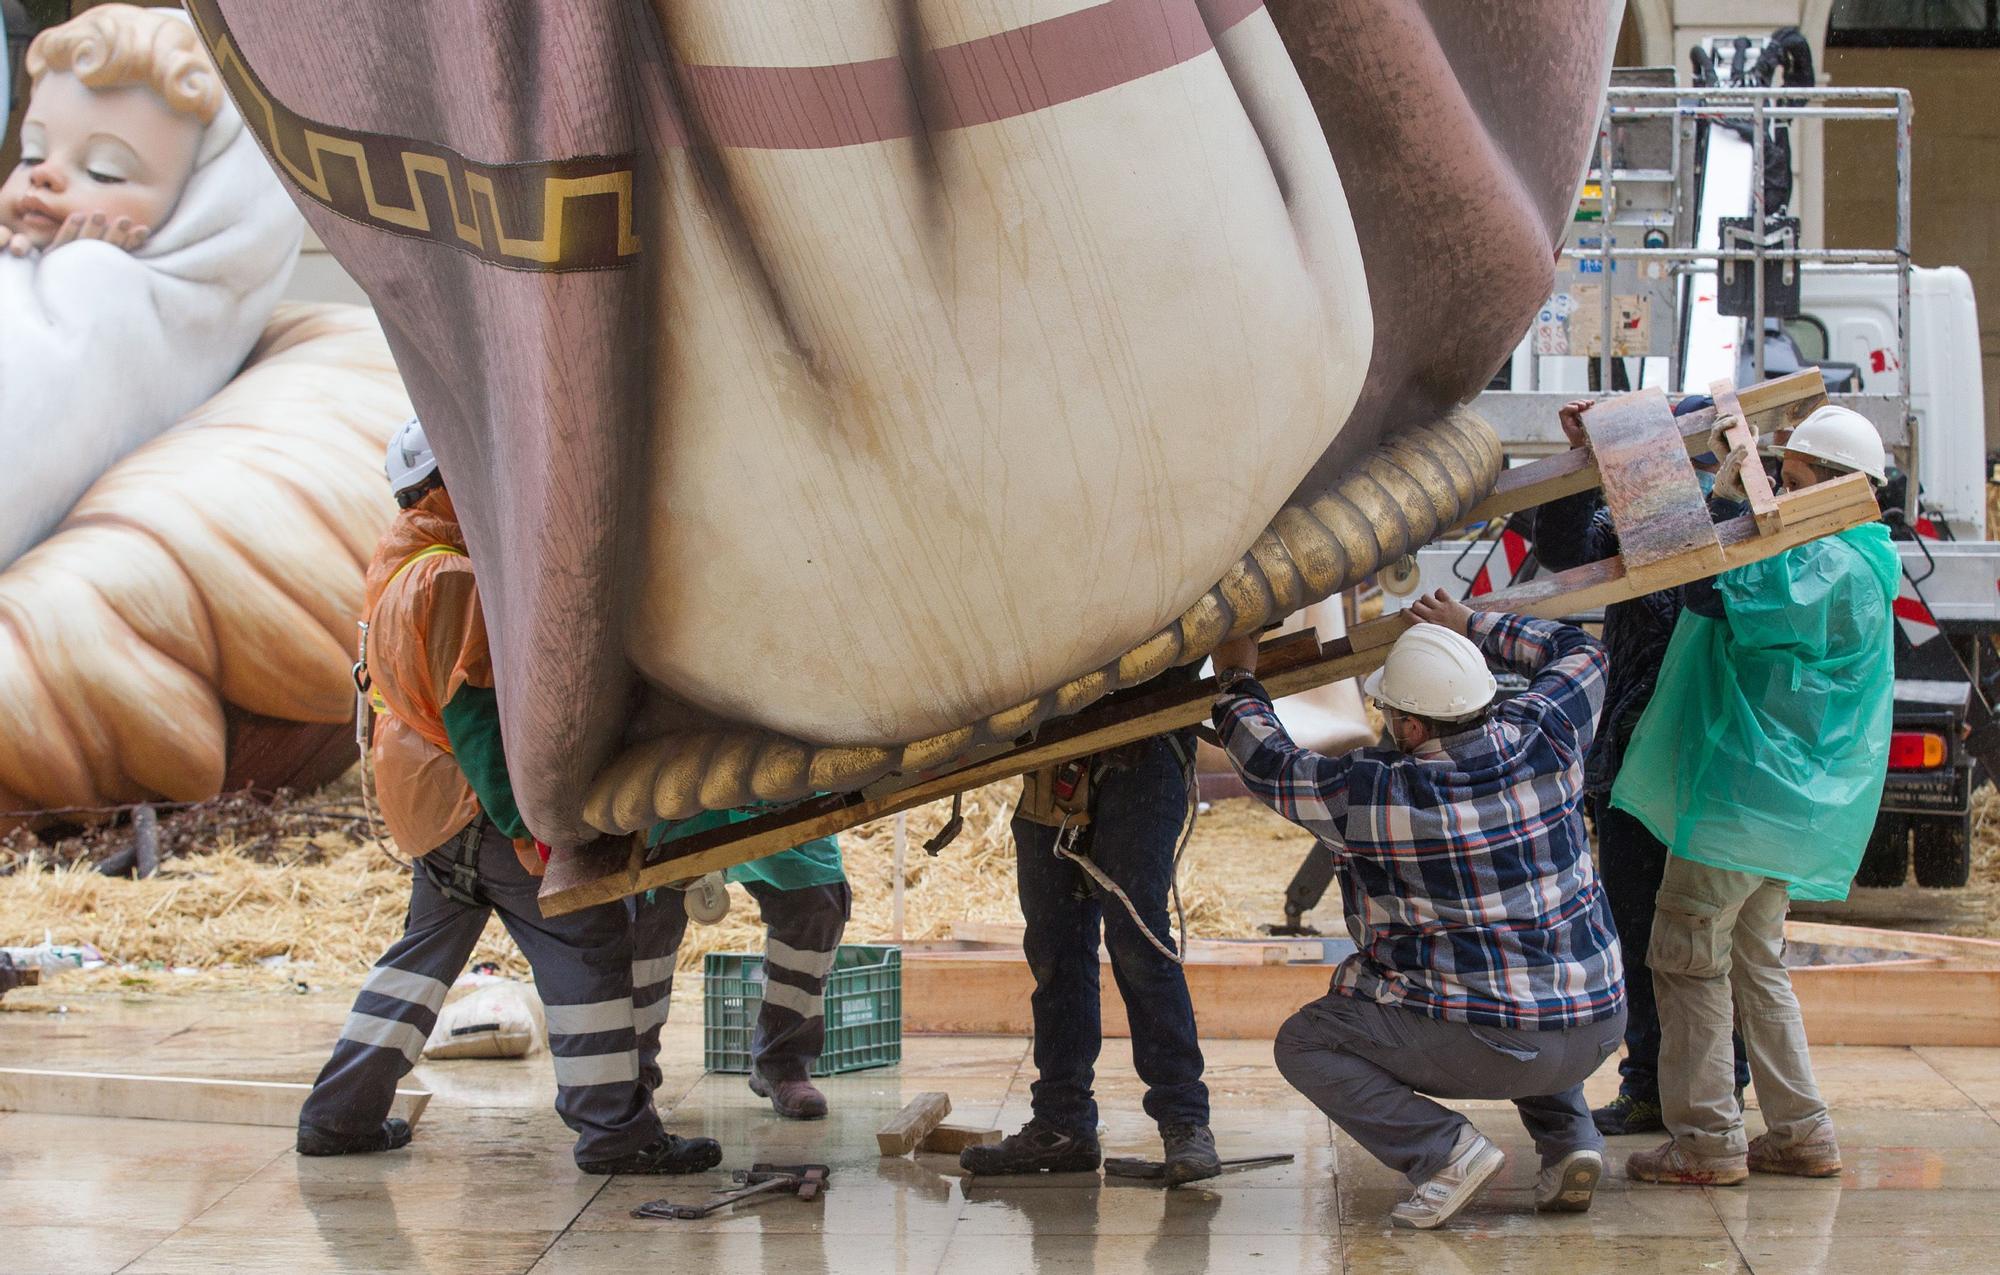 Arranca el desmontaje del Belén Gigante pese a la lluvia en Alicante